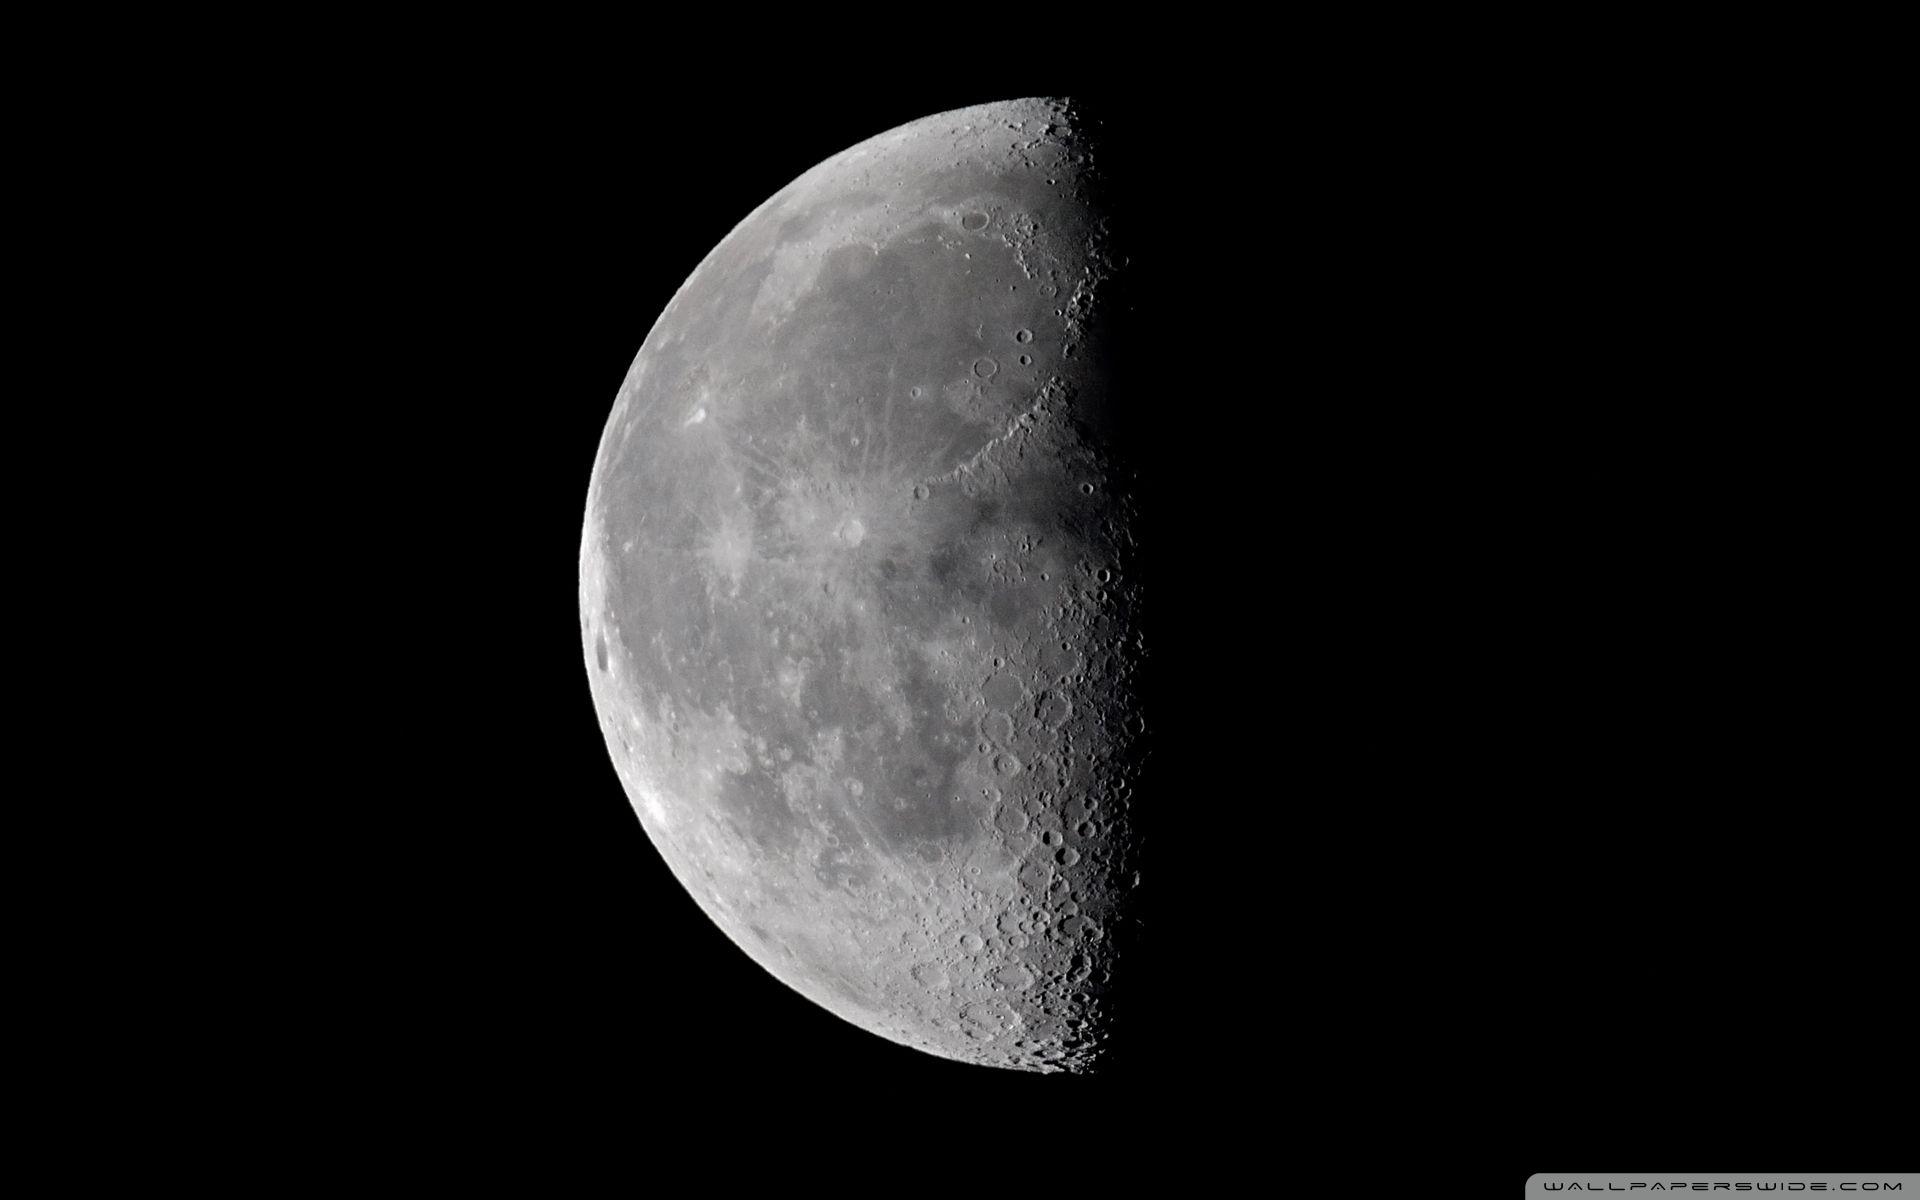 Half Moon 32284 1440x900 px